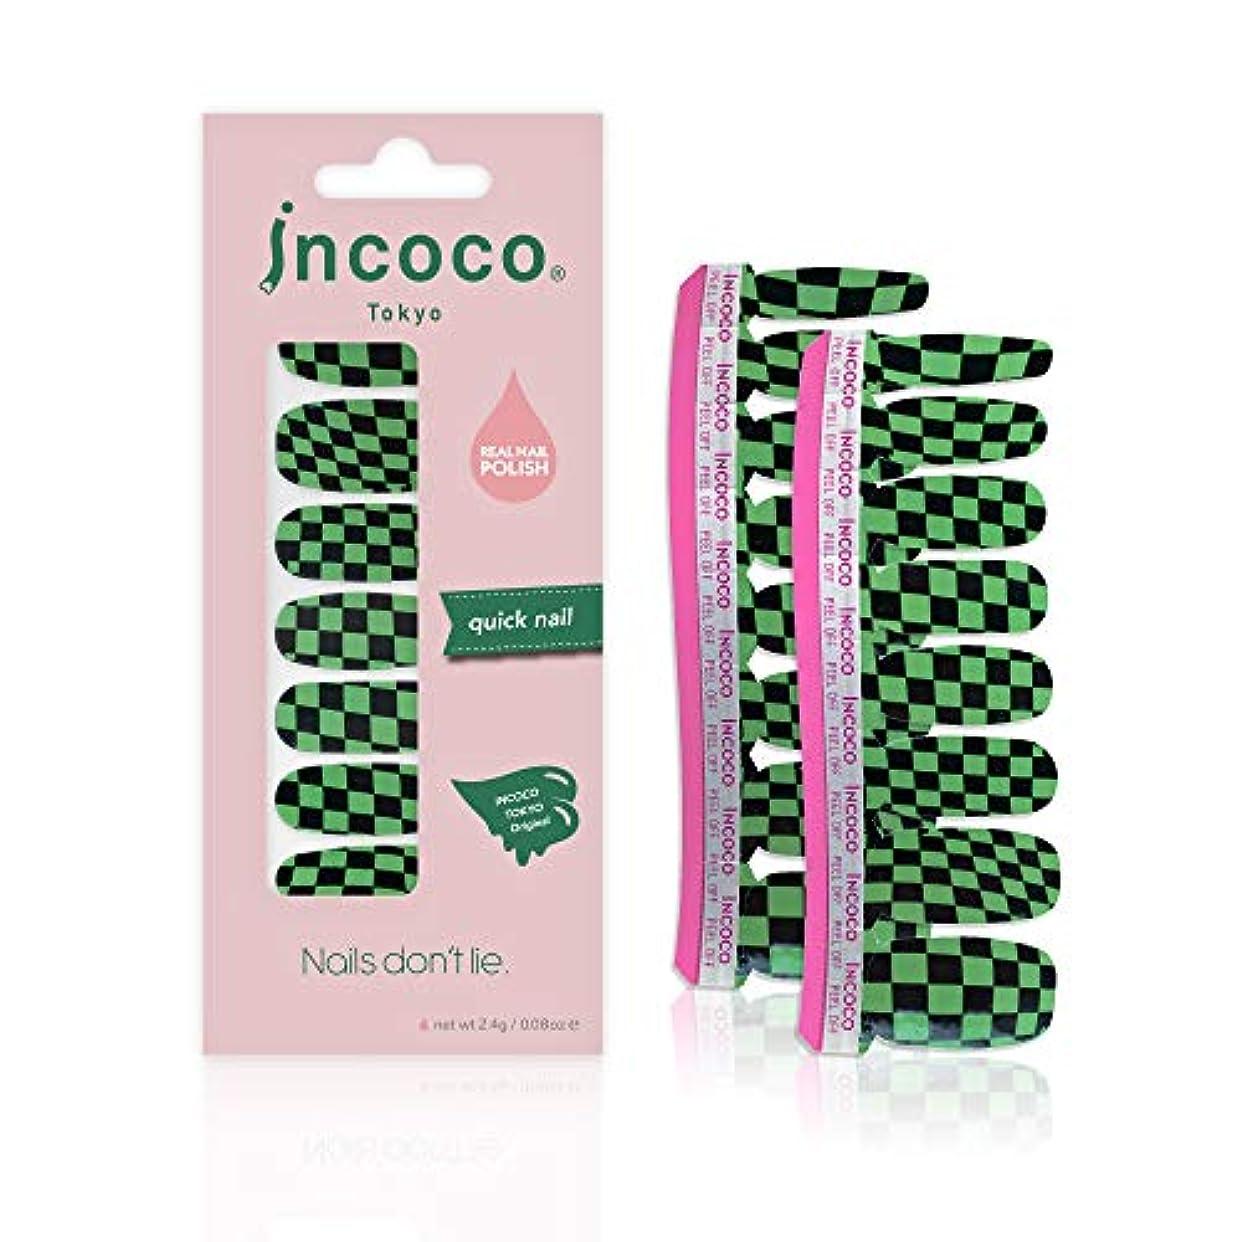 誠実さ署名離婚インココ トーキョー 「グリーン チェッカー」 (Green Checker)